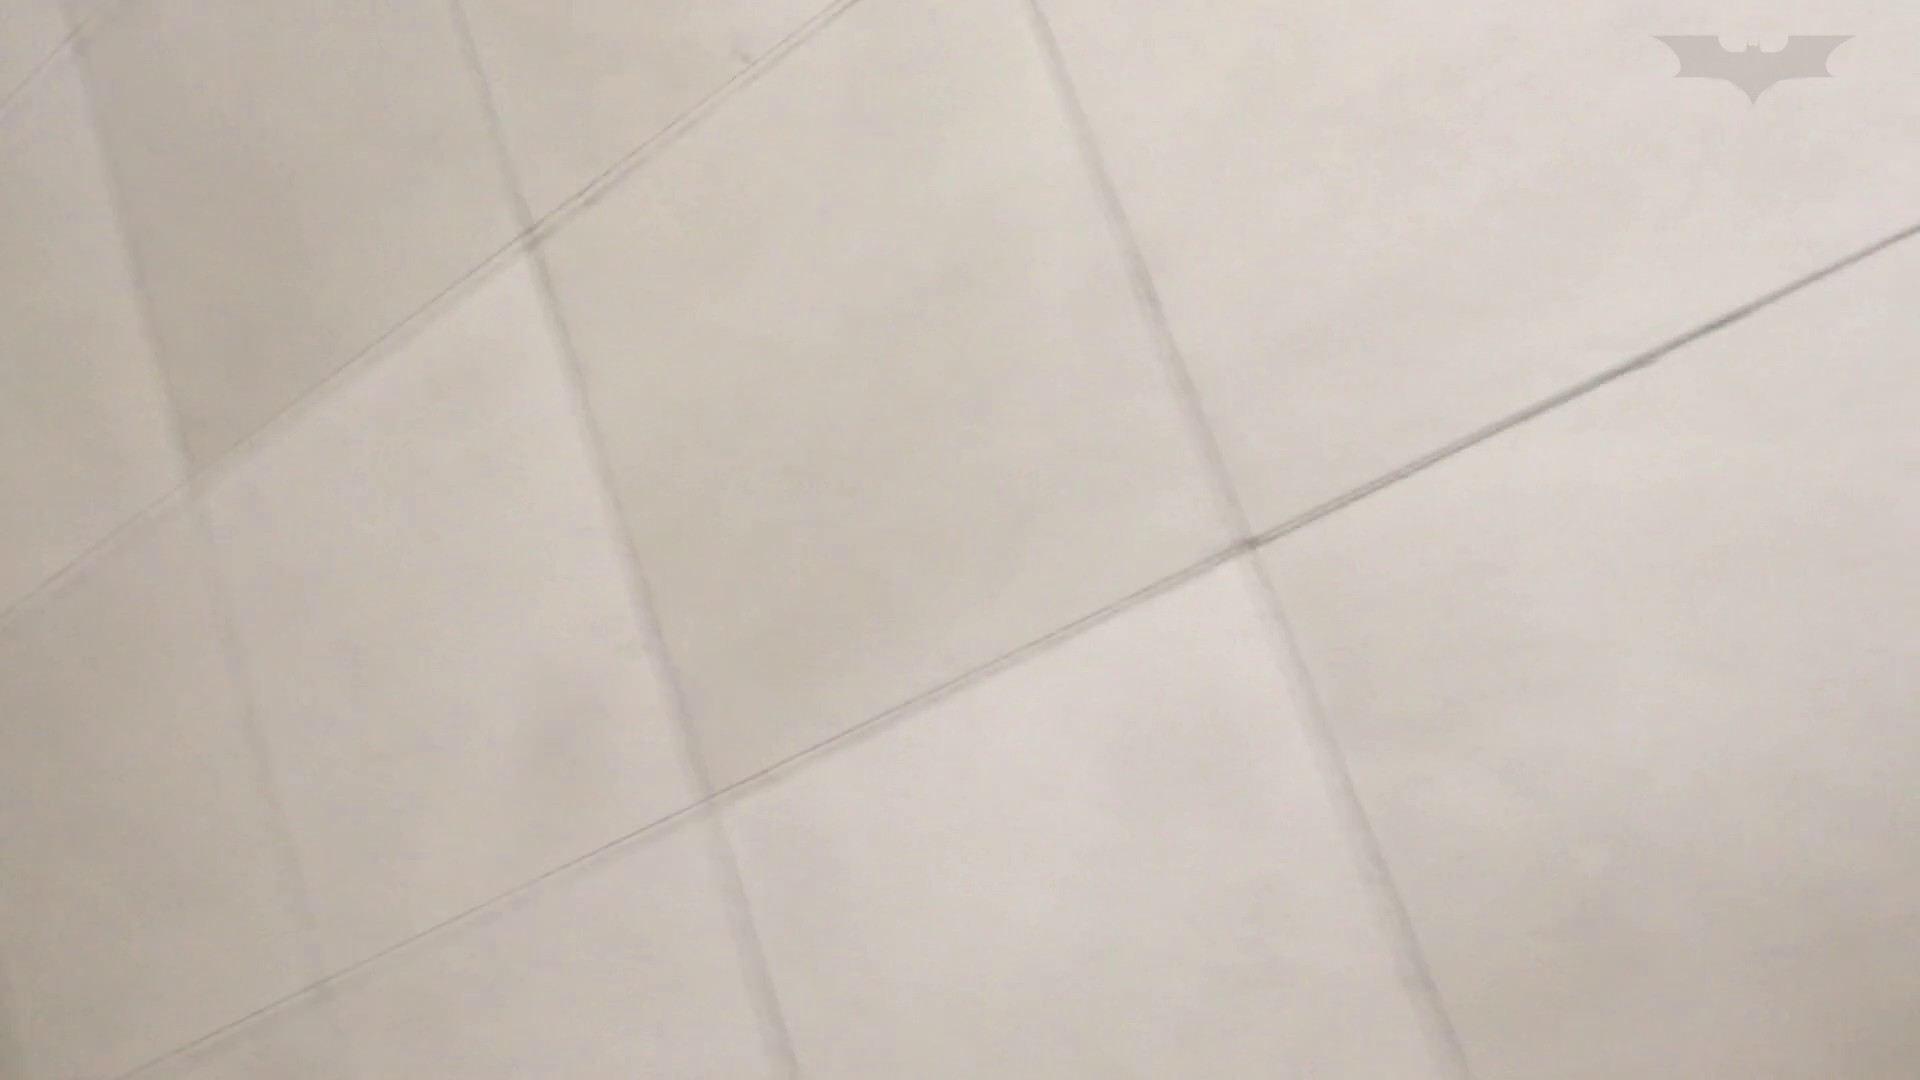 芸術大学ガチ潜入盗撮 JD盗撮 美女の洗面所の秘密 Vol.81 潜入   美女  83pic 7